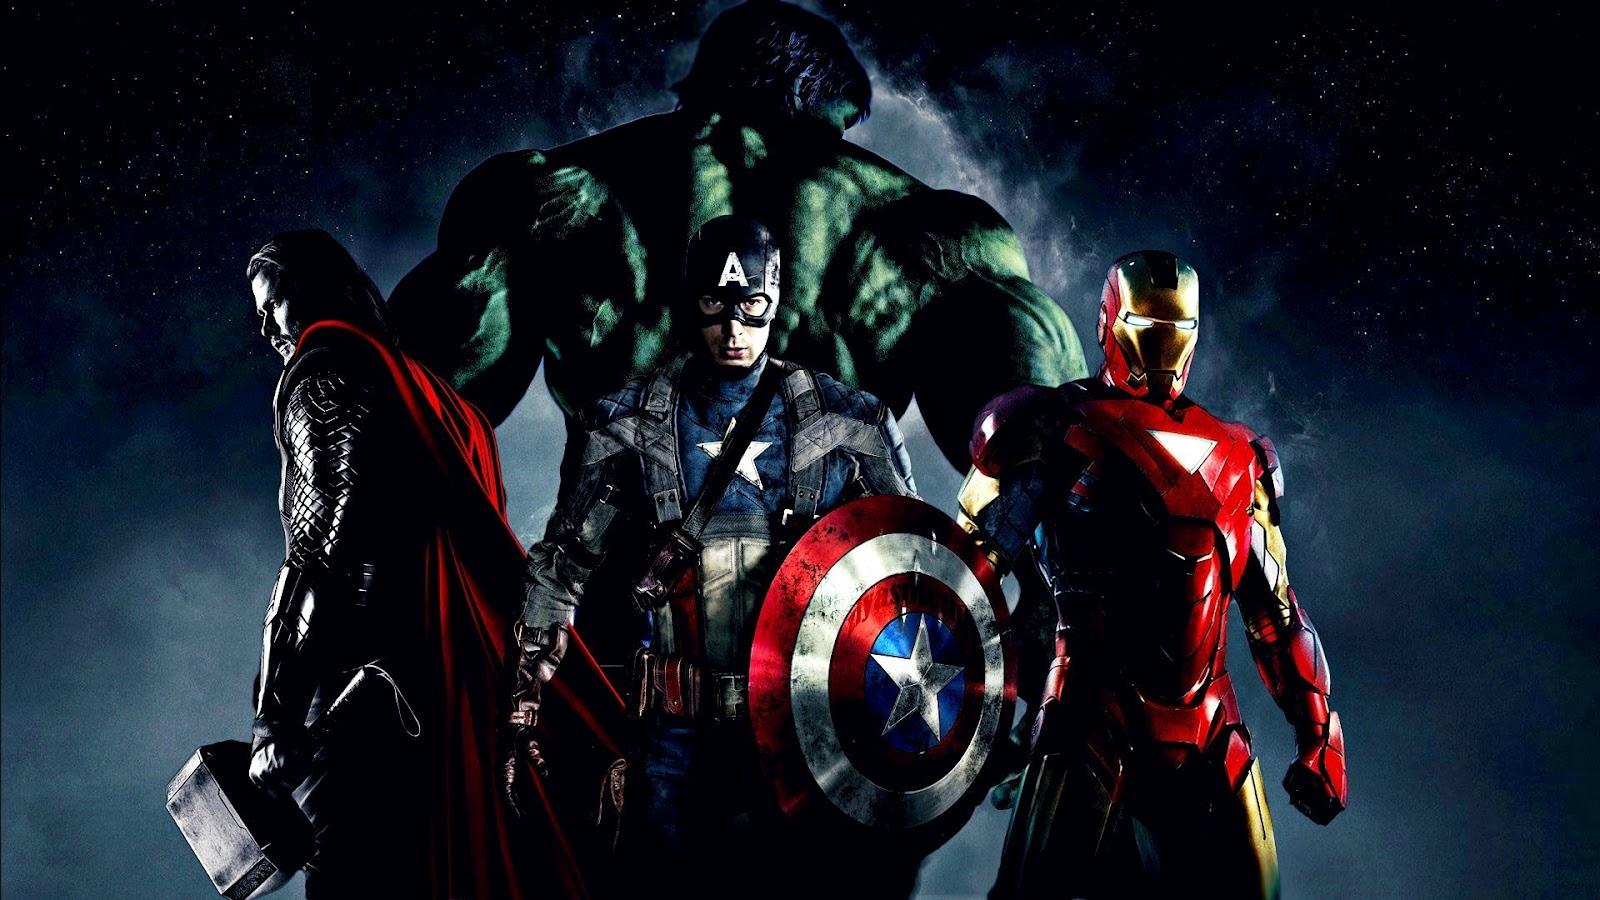 hulk hd wallpapers hulk hd wallpapers hulk hd wallpapers hulk 1600x900